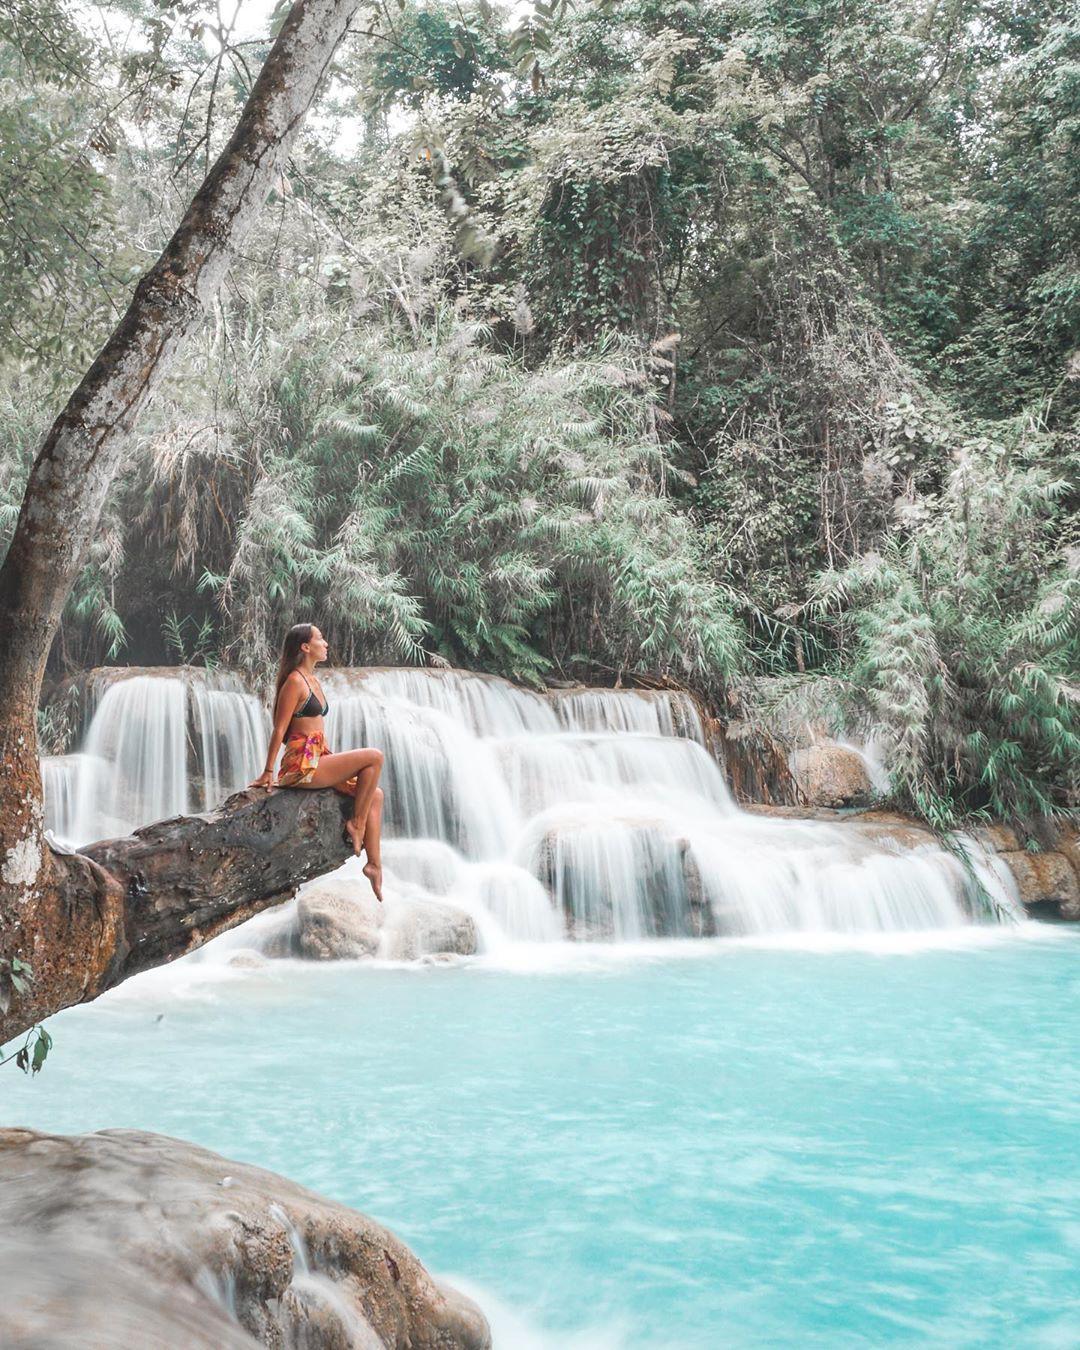 CNN công bố 19 điểm đến du lịch tốt nhất châu Á, Việt Nam có tới 2 đại diện bất ngờ lọt top - Ảnh 18.